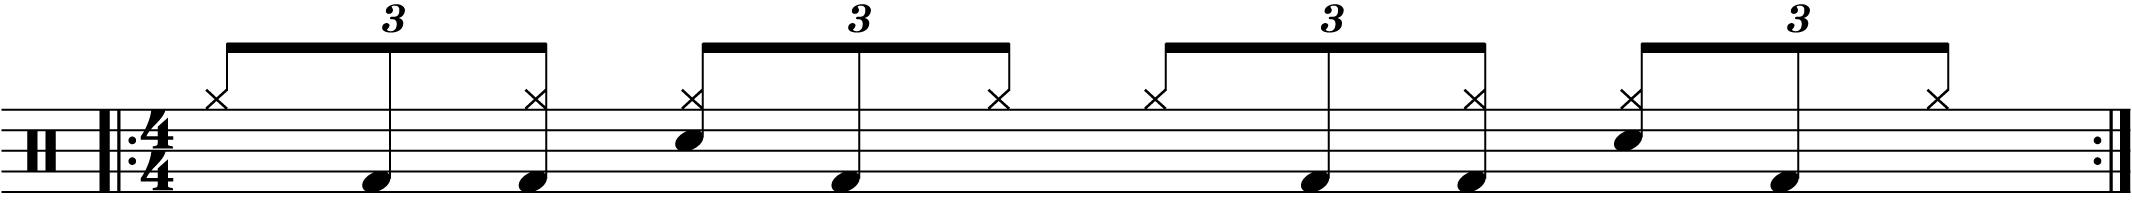 Örn3-2